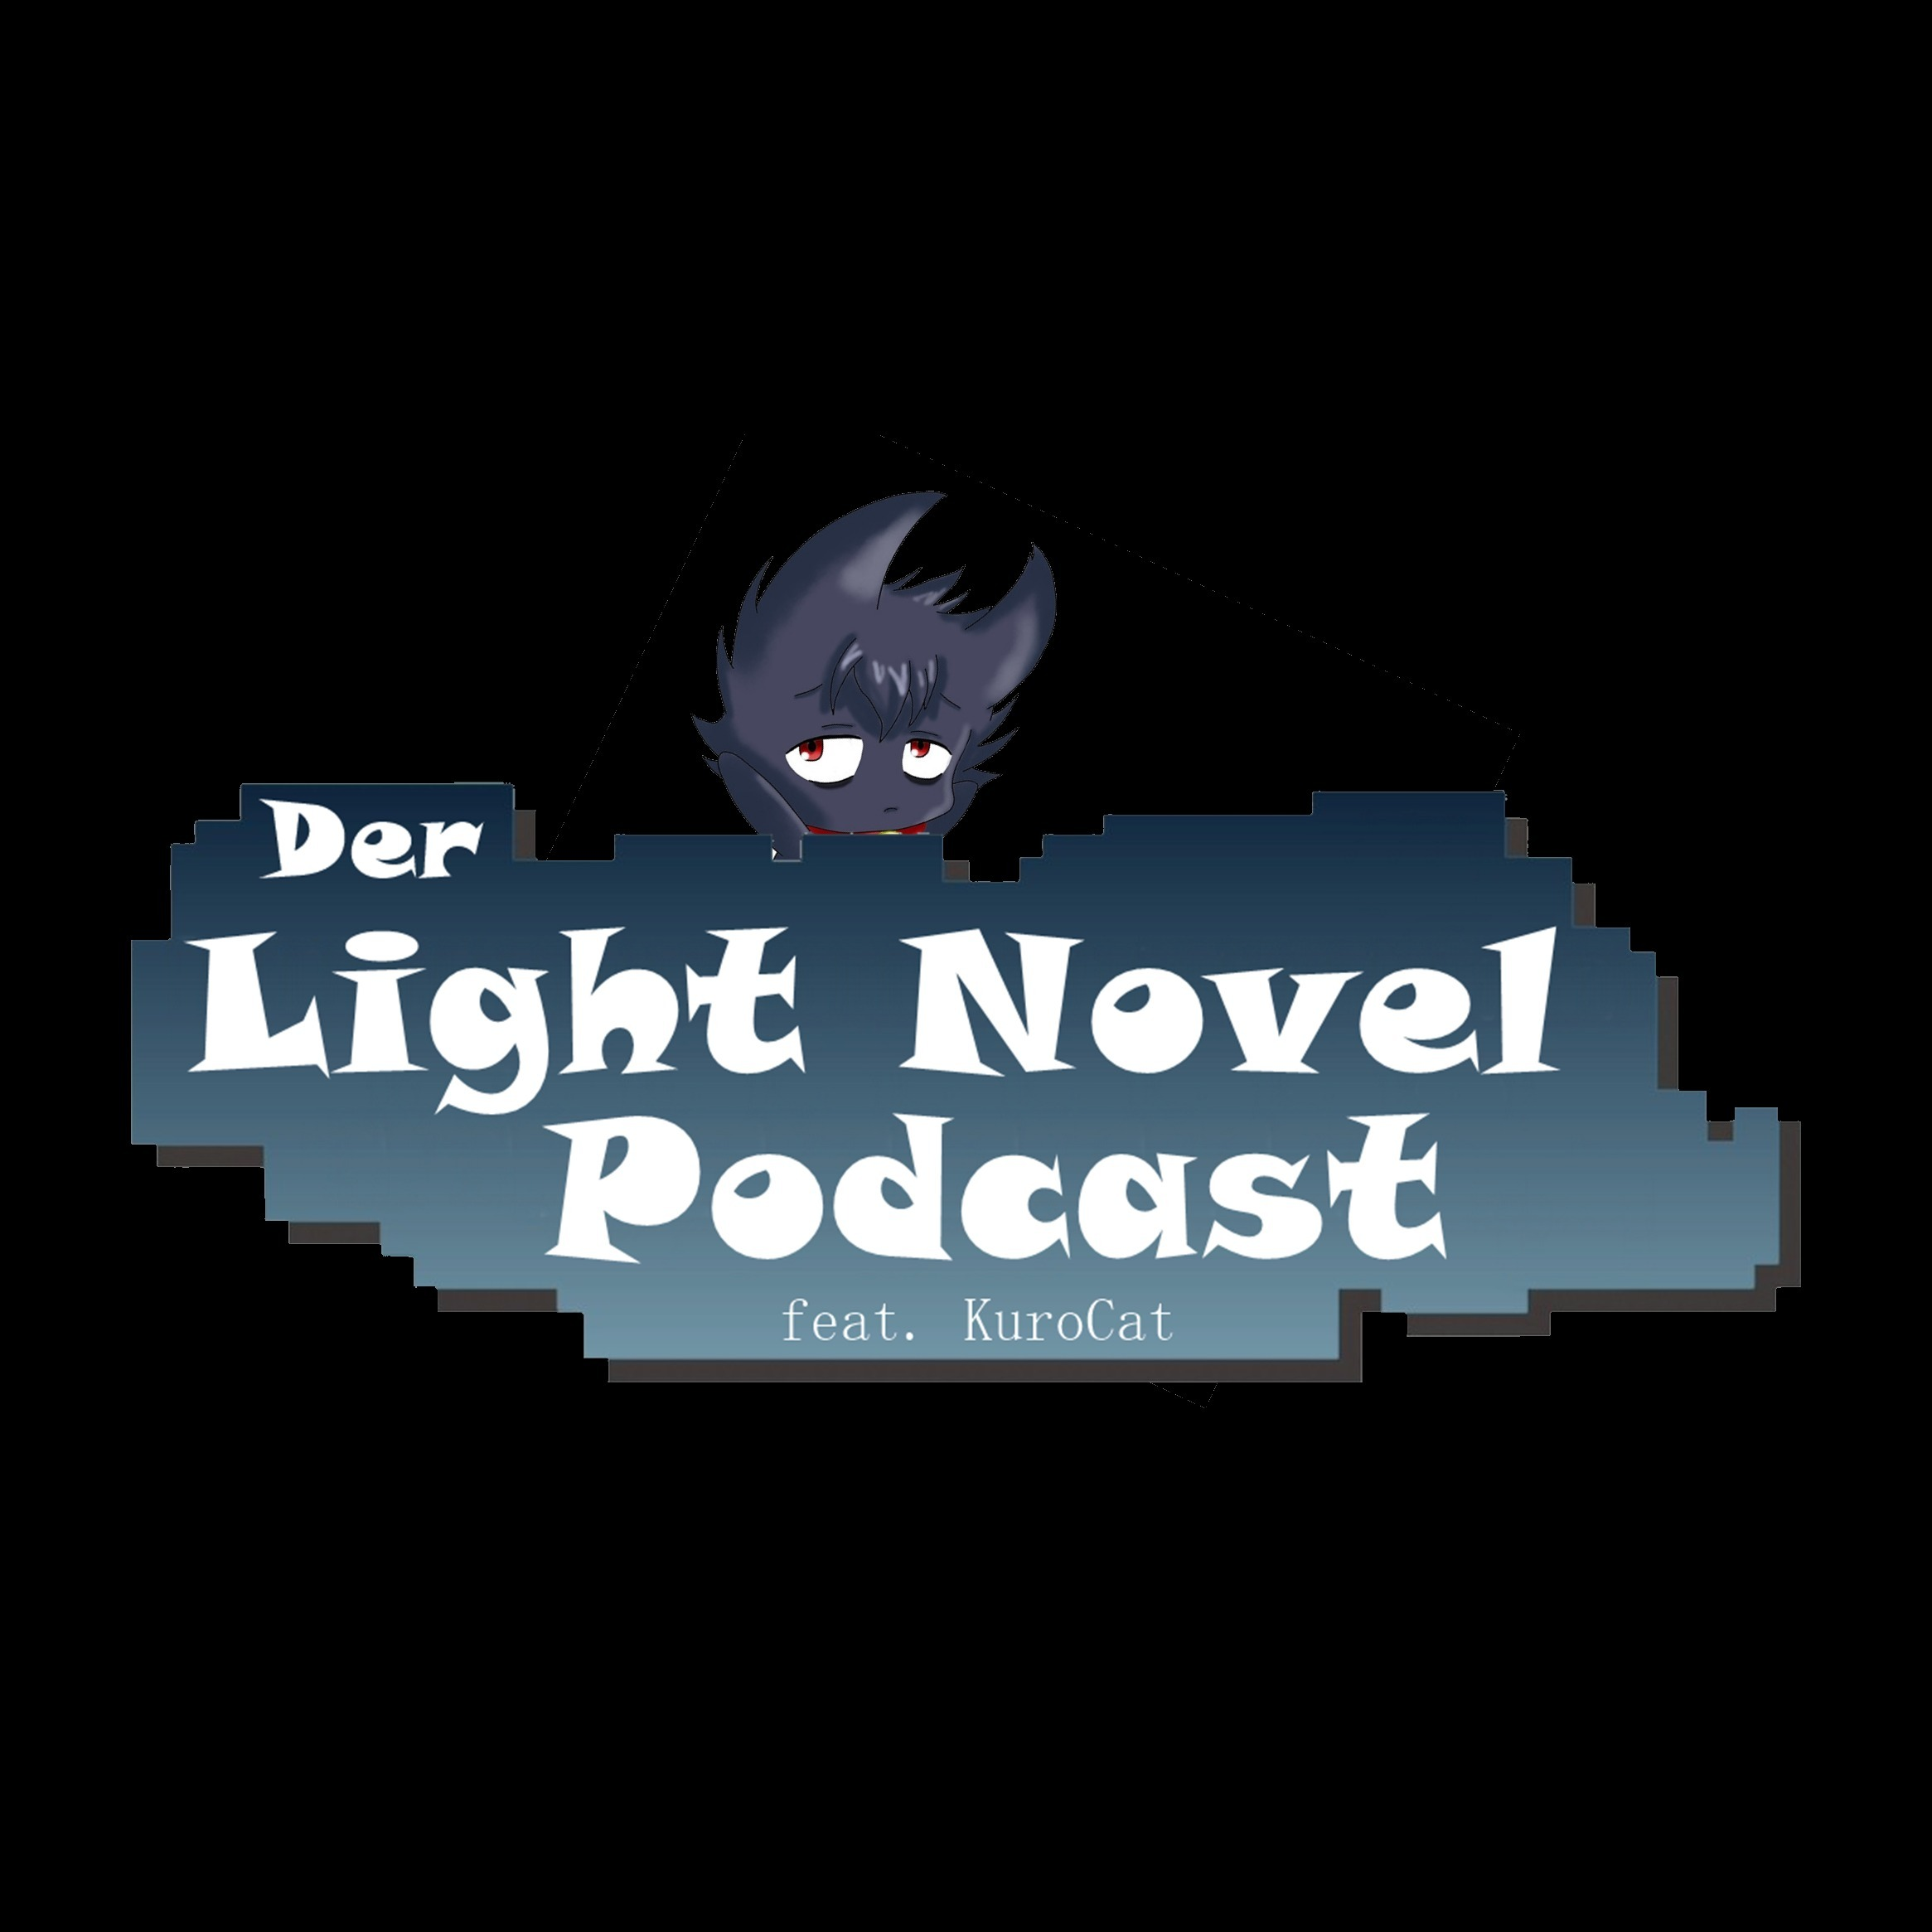 Der Light Novel Podcast #24 - Der Light Novel Dungeon stellt sich vor